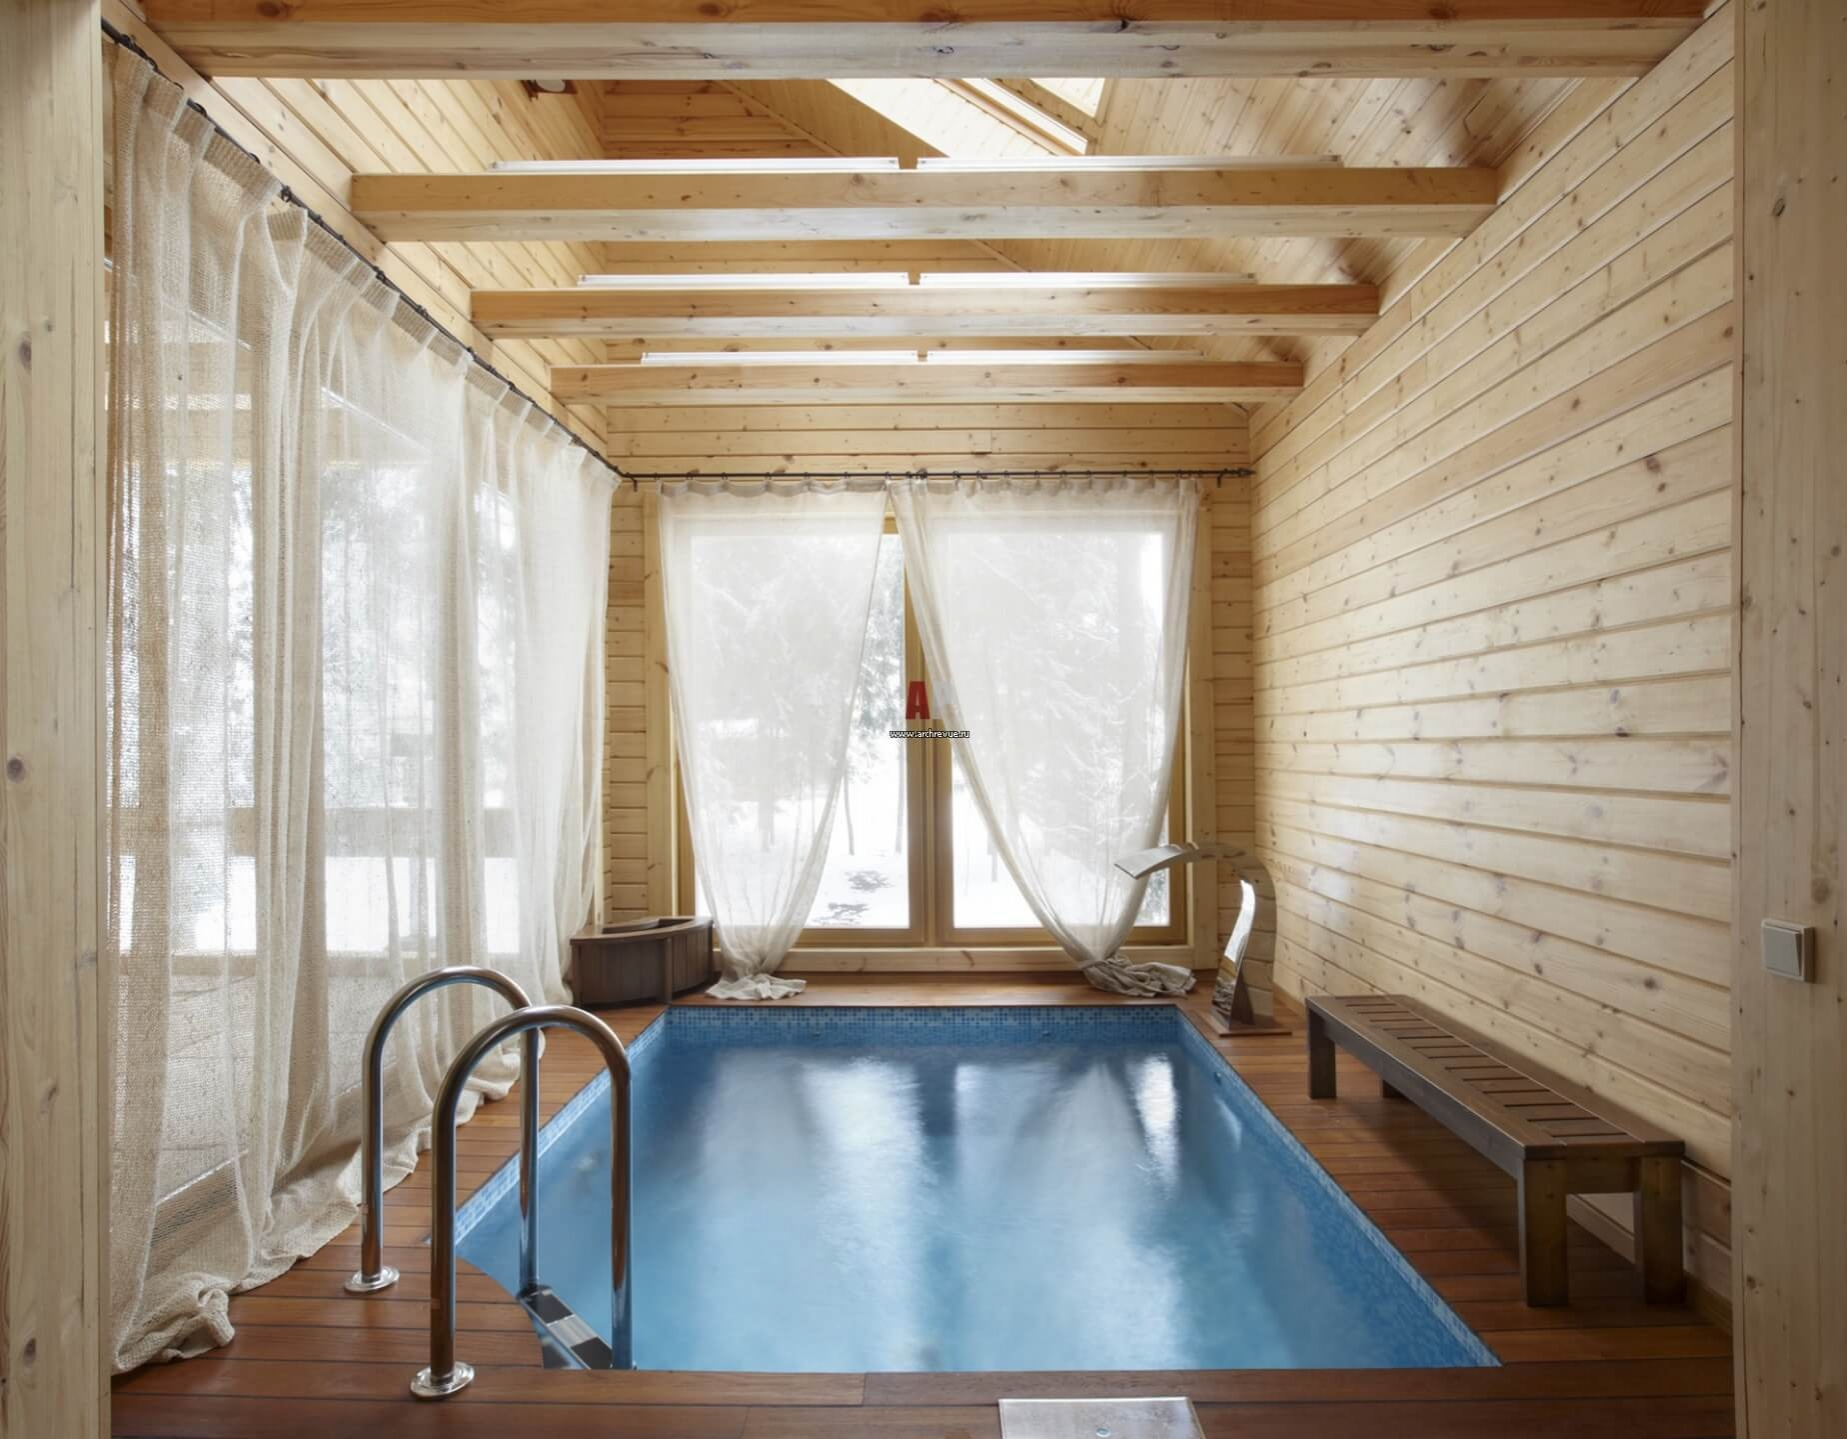 Бассейн в бане, сделанный своими руками